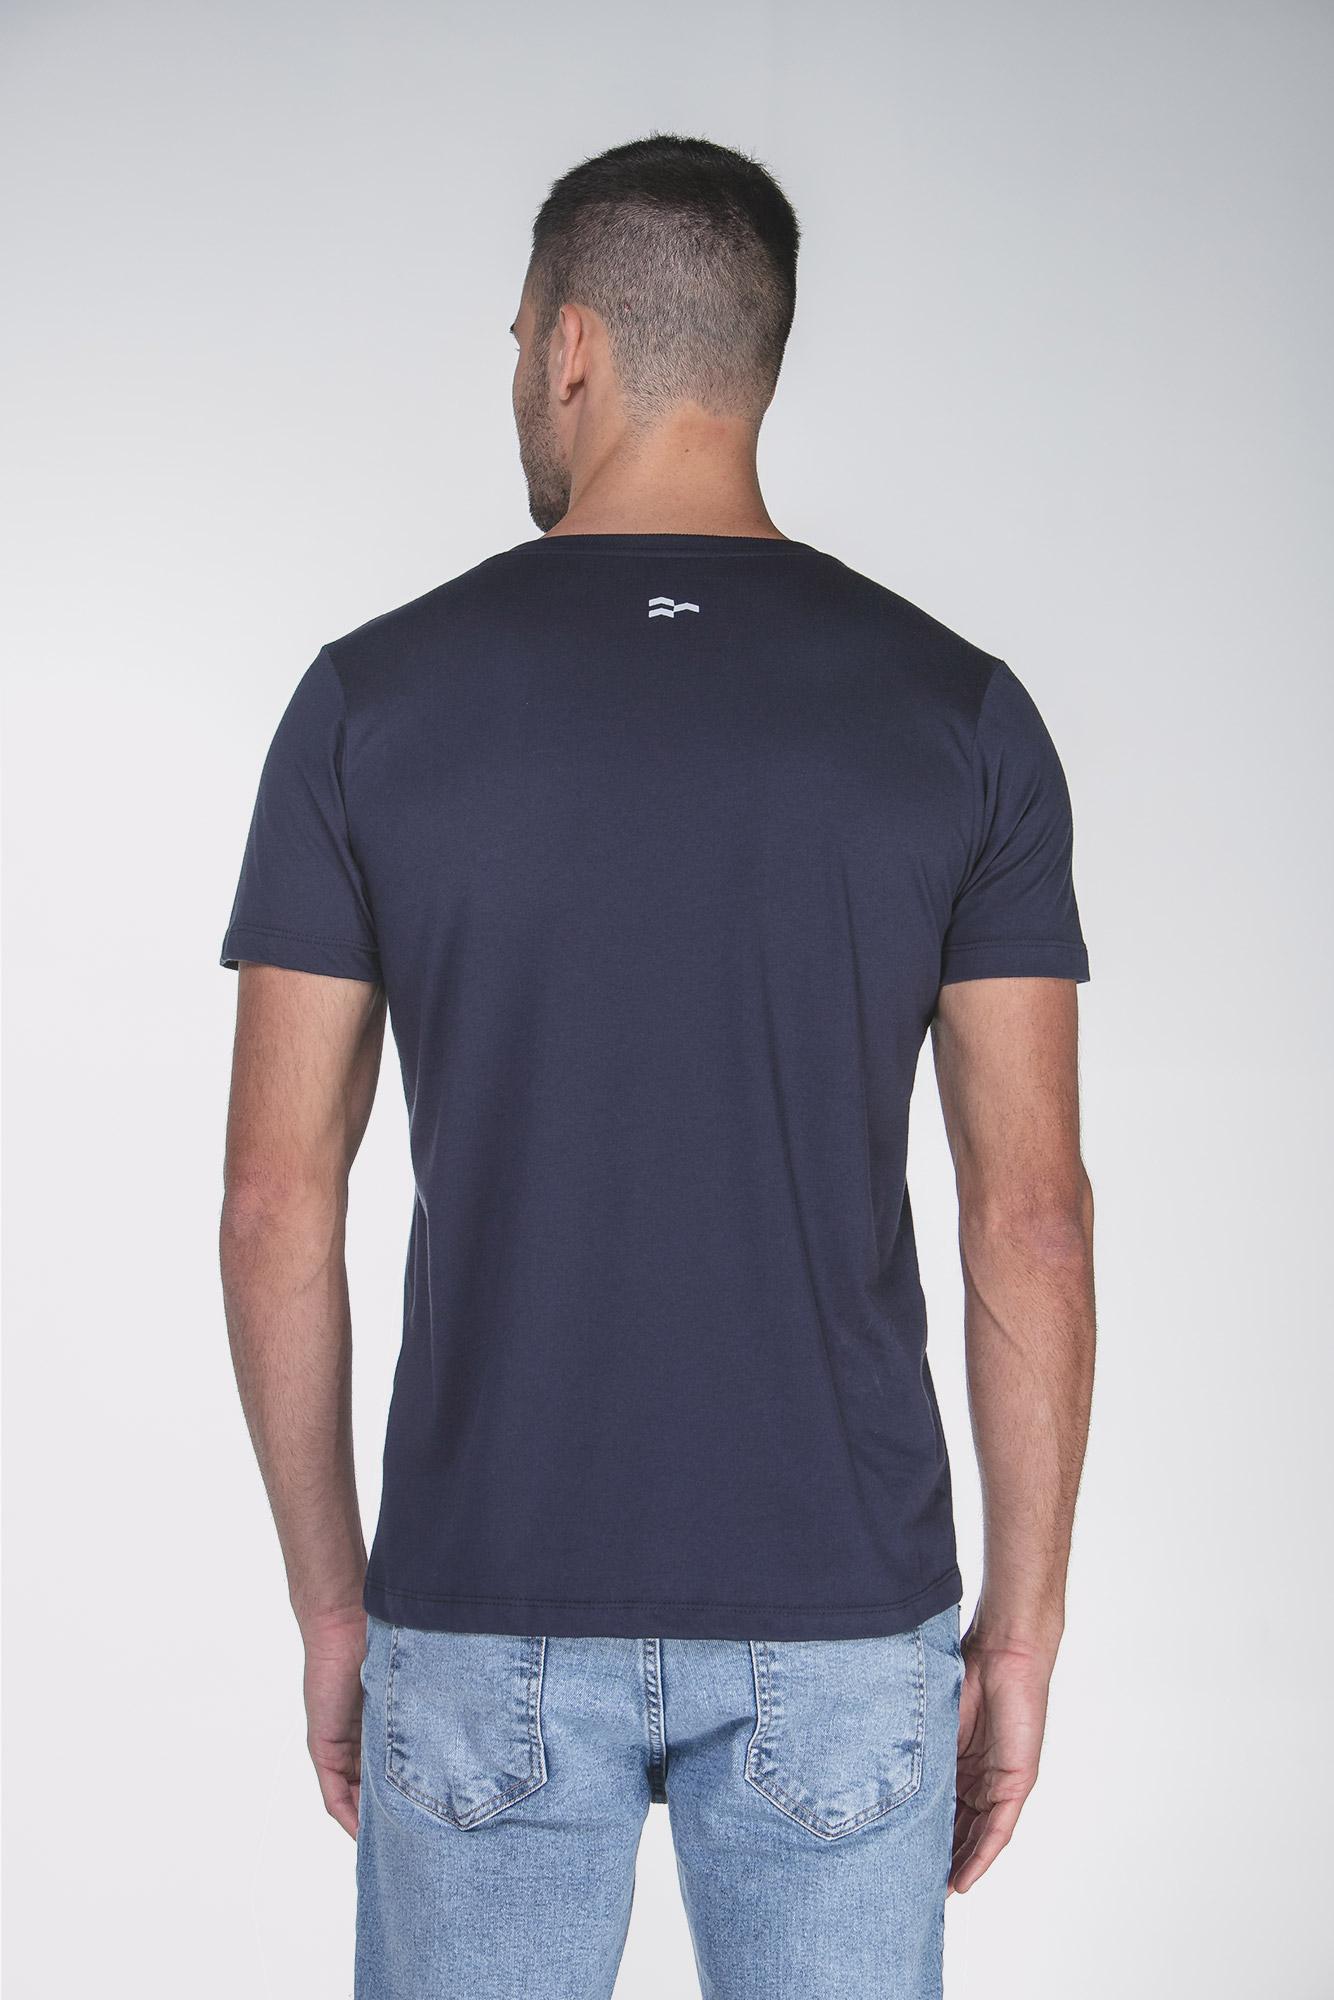 Camiseta Cotton Egypt Azul/Preto